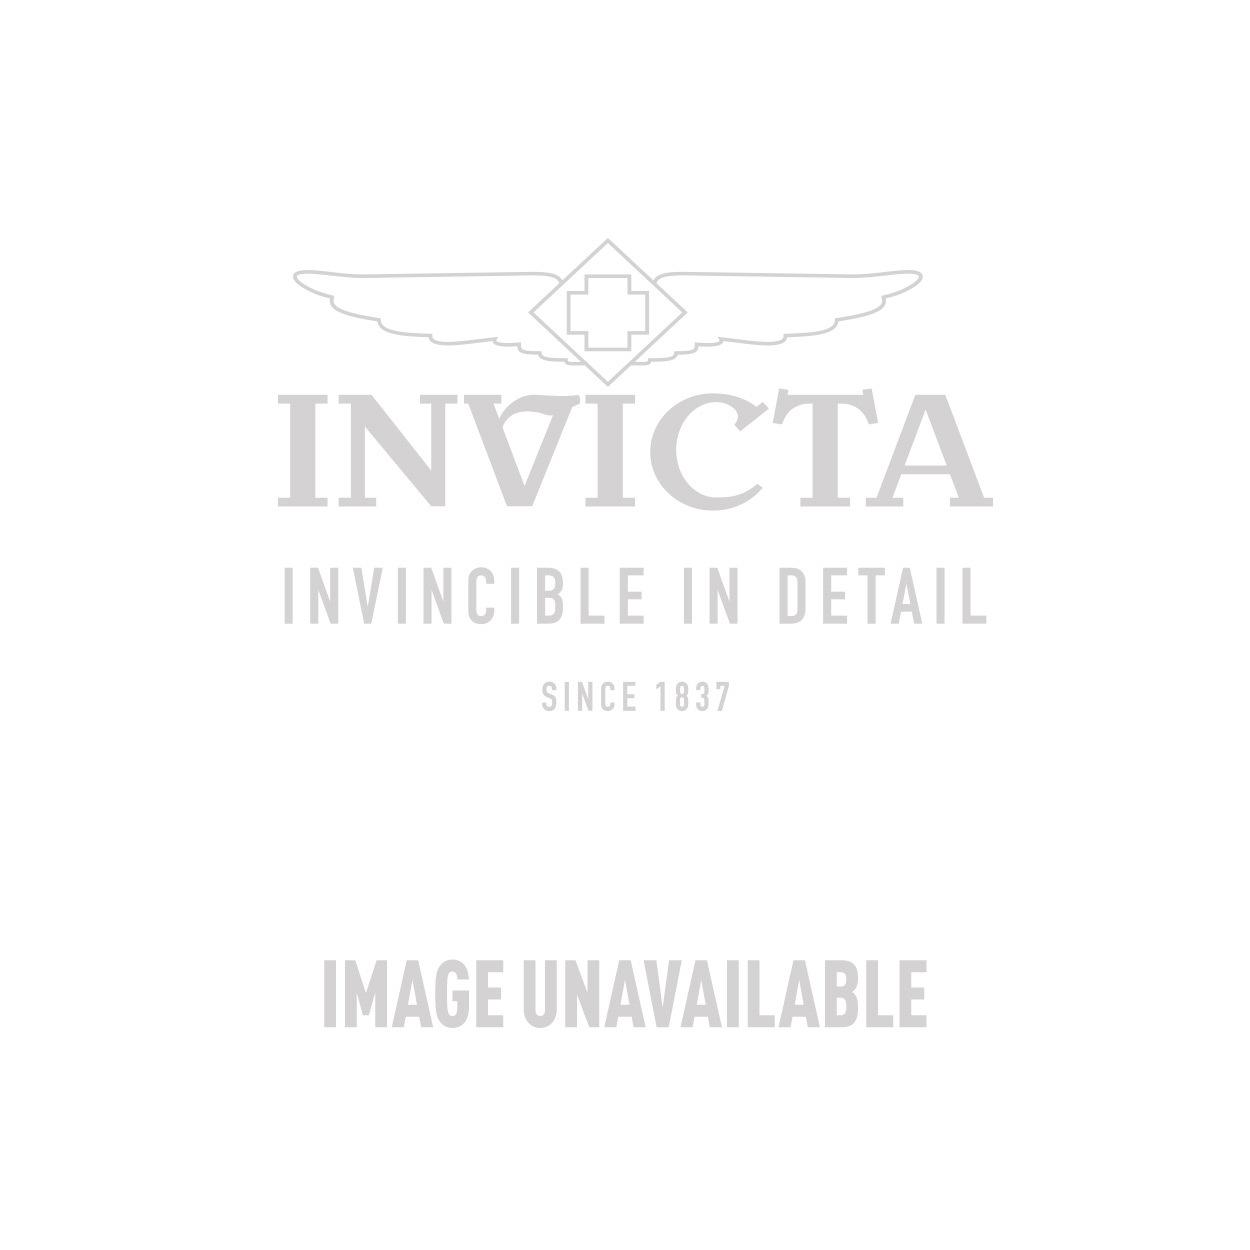 Invicta Model 28130